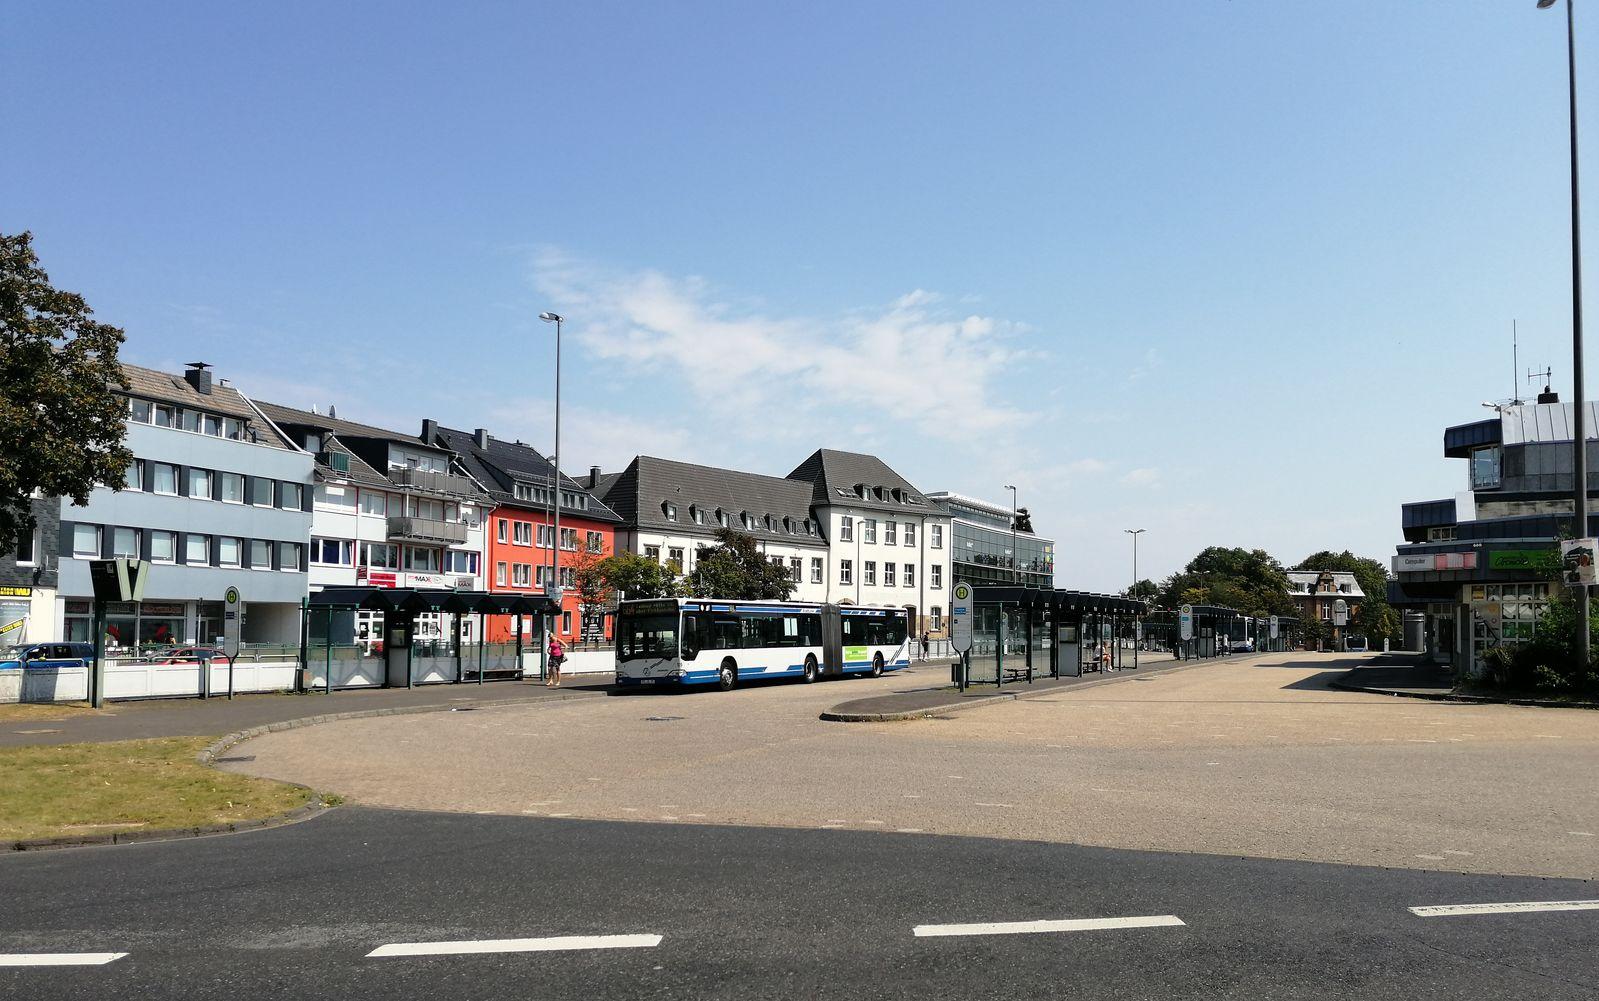 Umbau Busbahnhof Friedrich-Ebert-Platz in der Größenordnung noch notwendig?